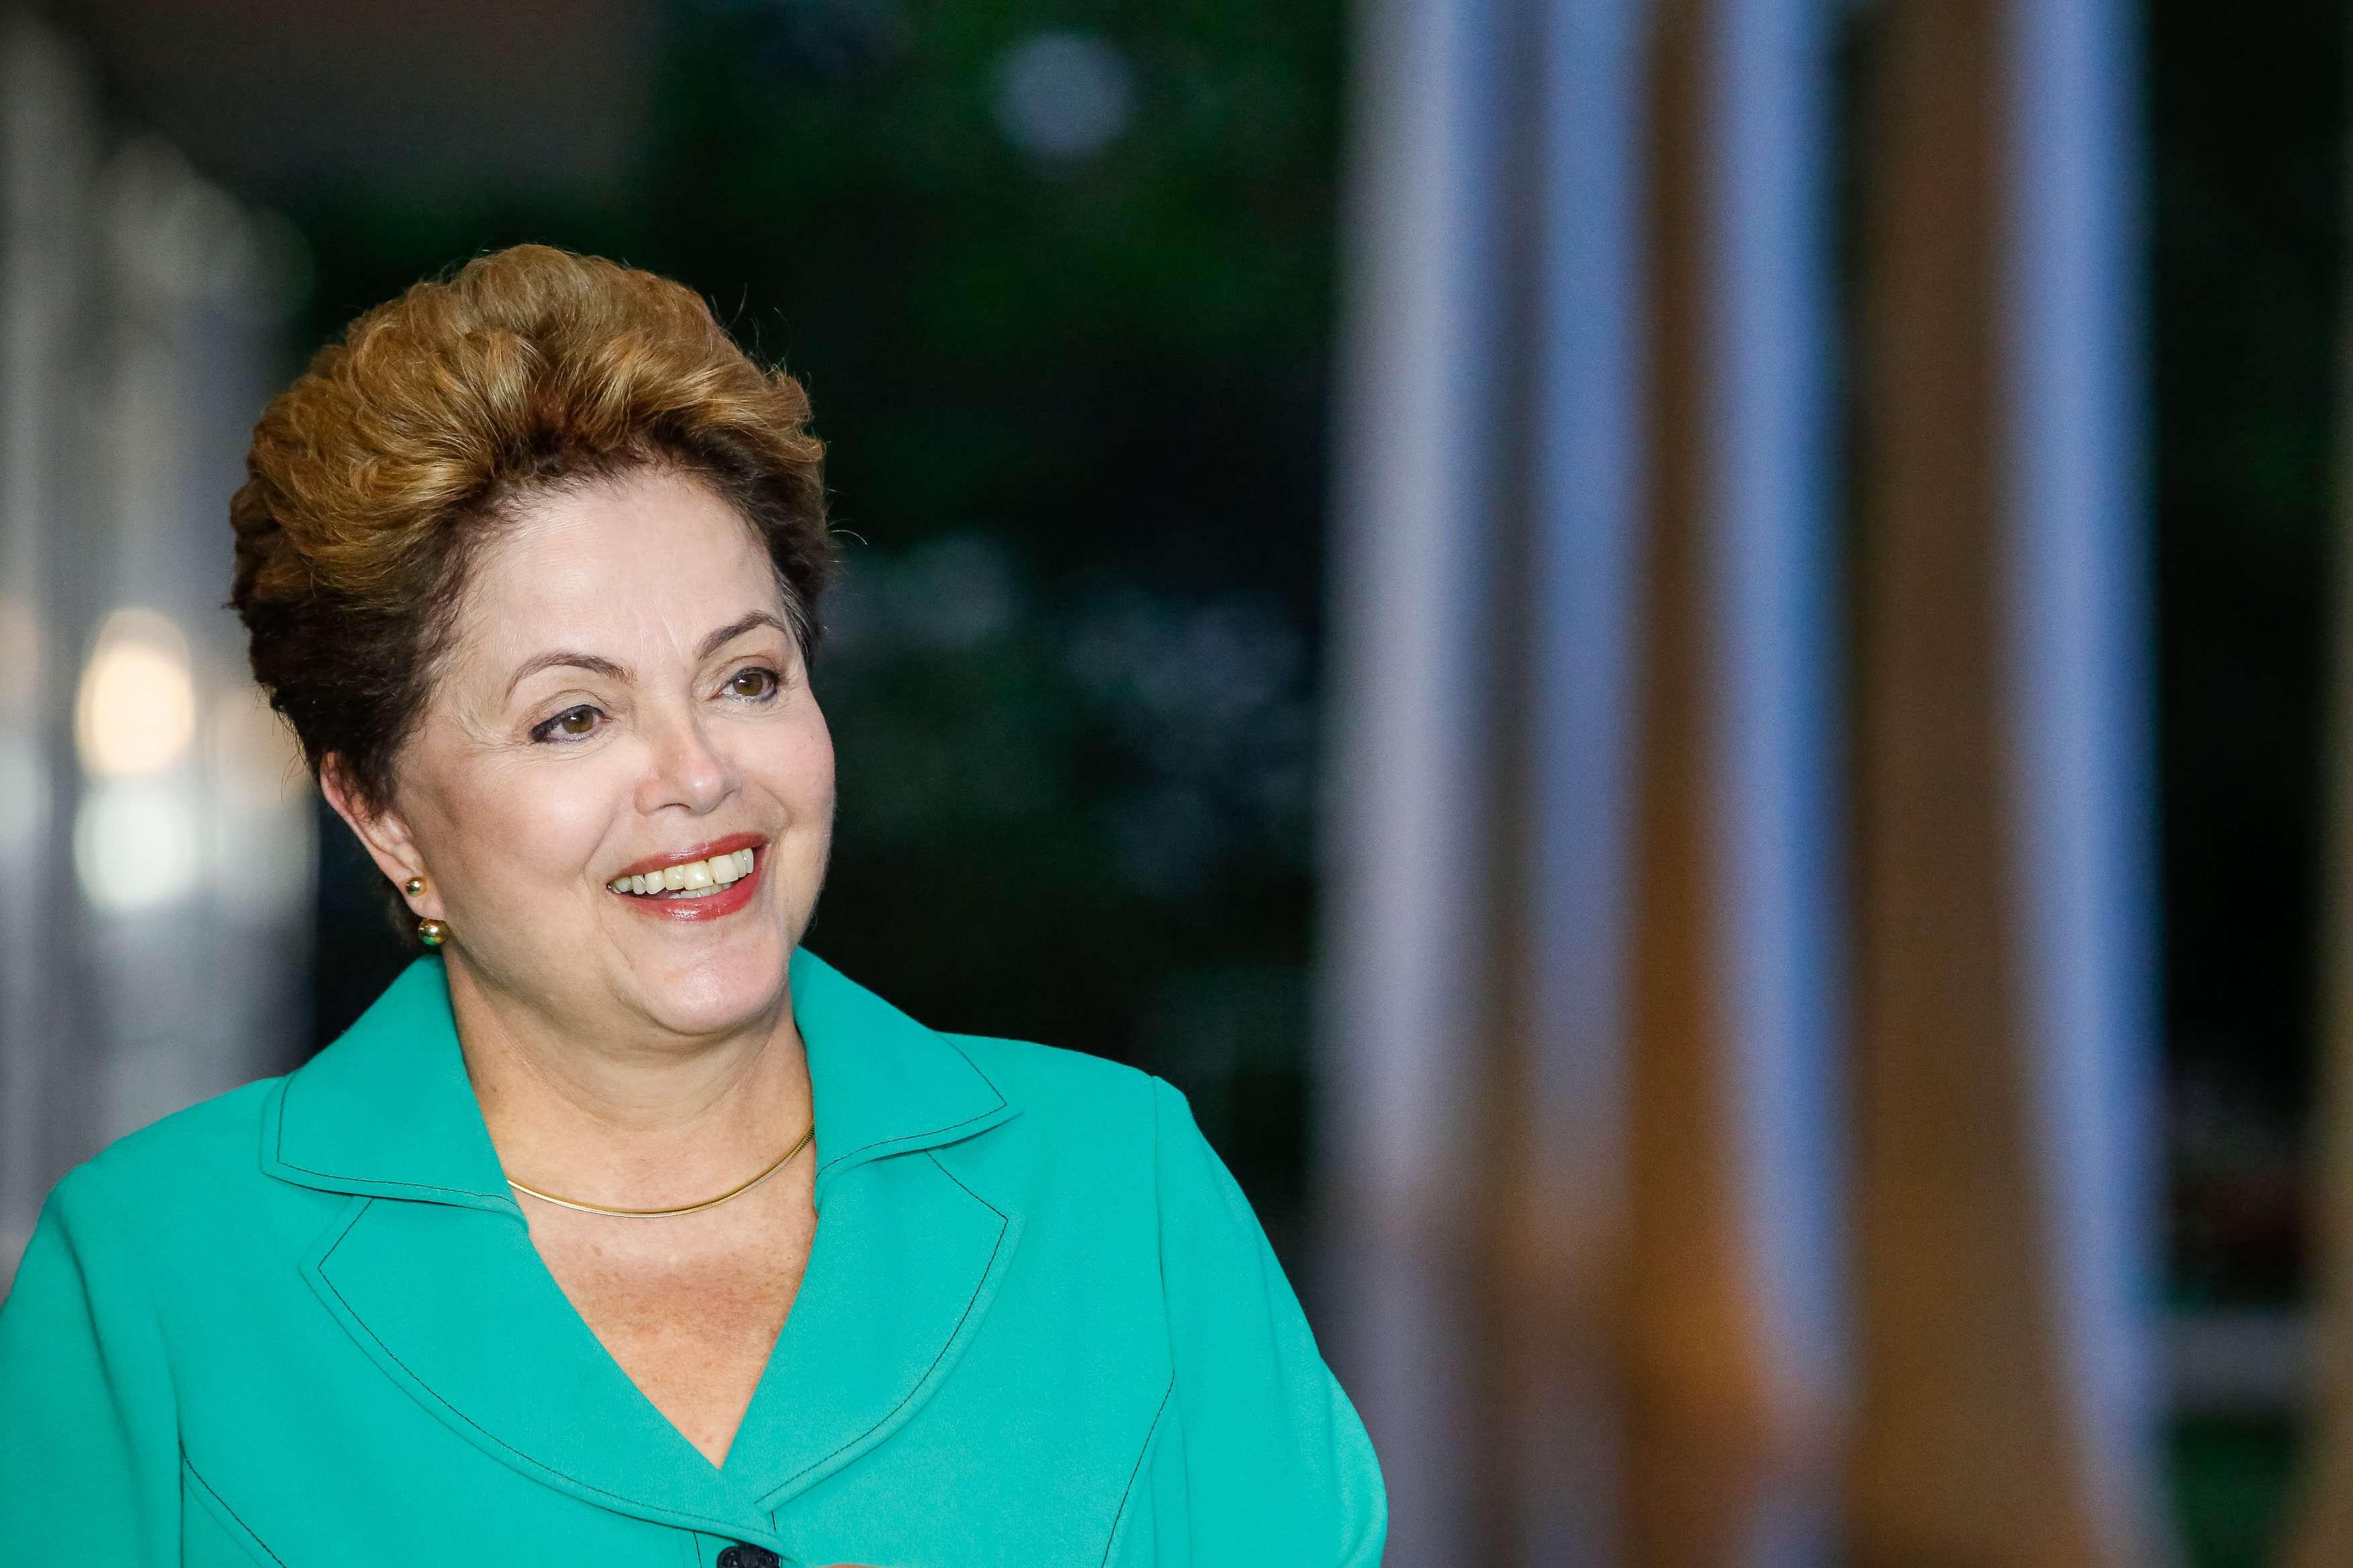 Dilma Rousseff durante entrevista em Brasília Foto: Ichiro Guerra/Fotos Públicas/Divulgação